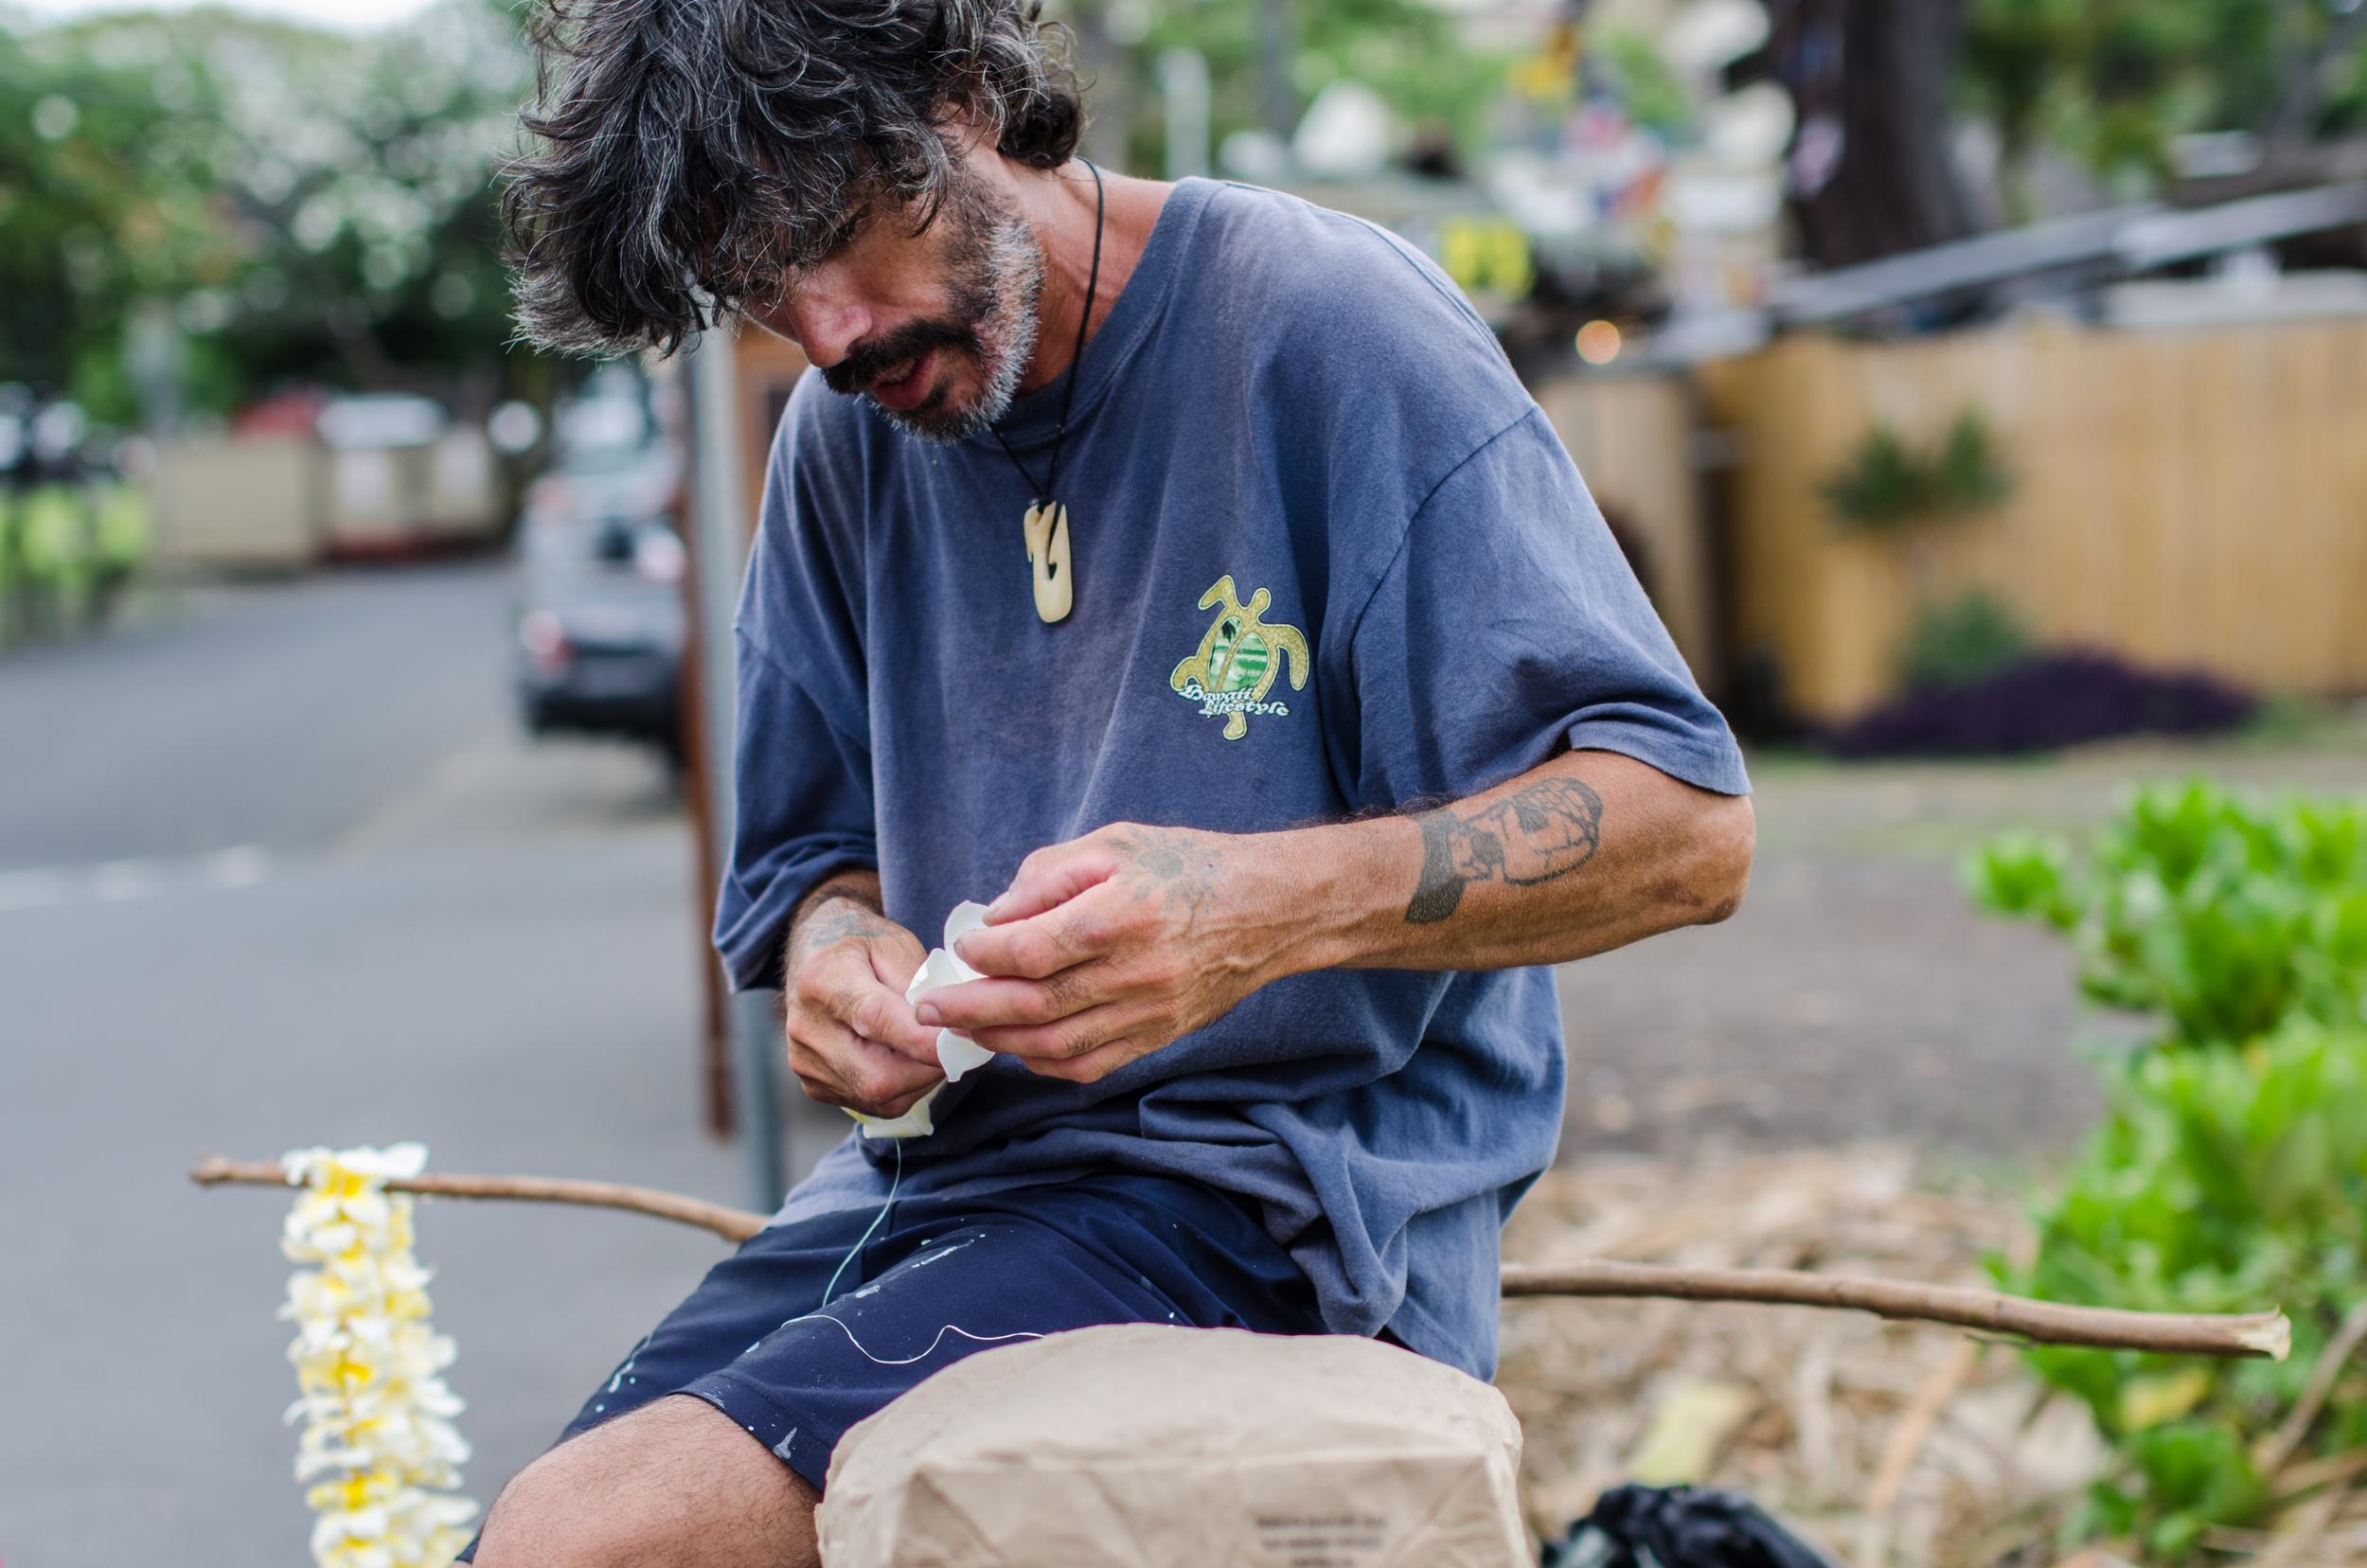 One of many local artists who line the streets of Kailua Kona.